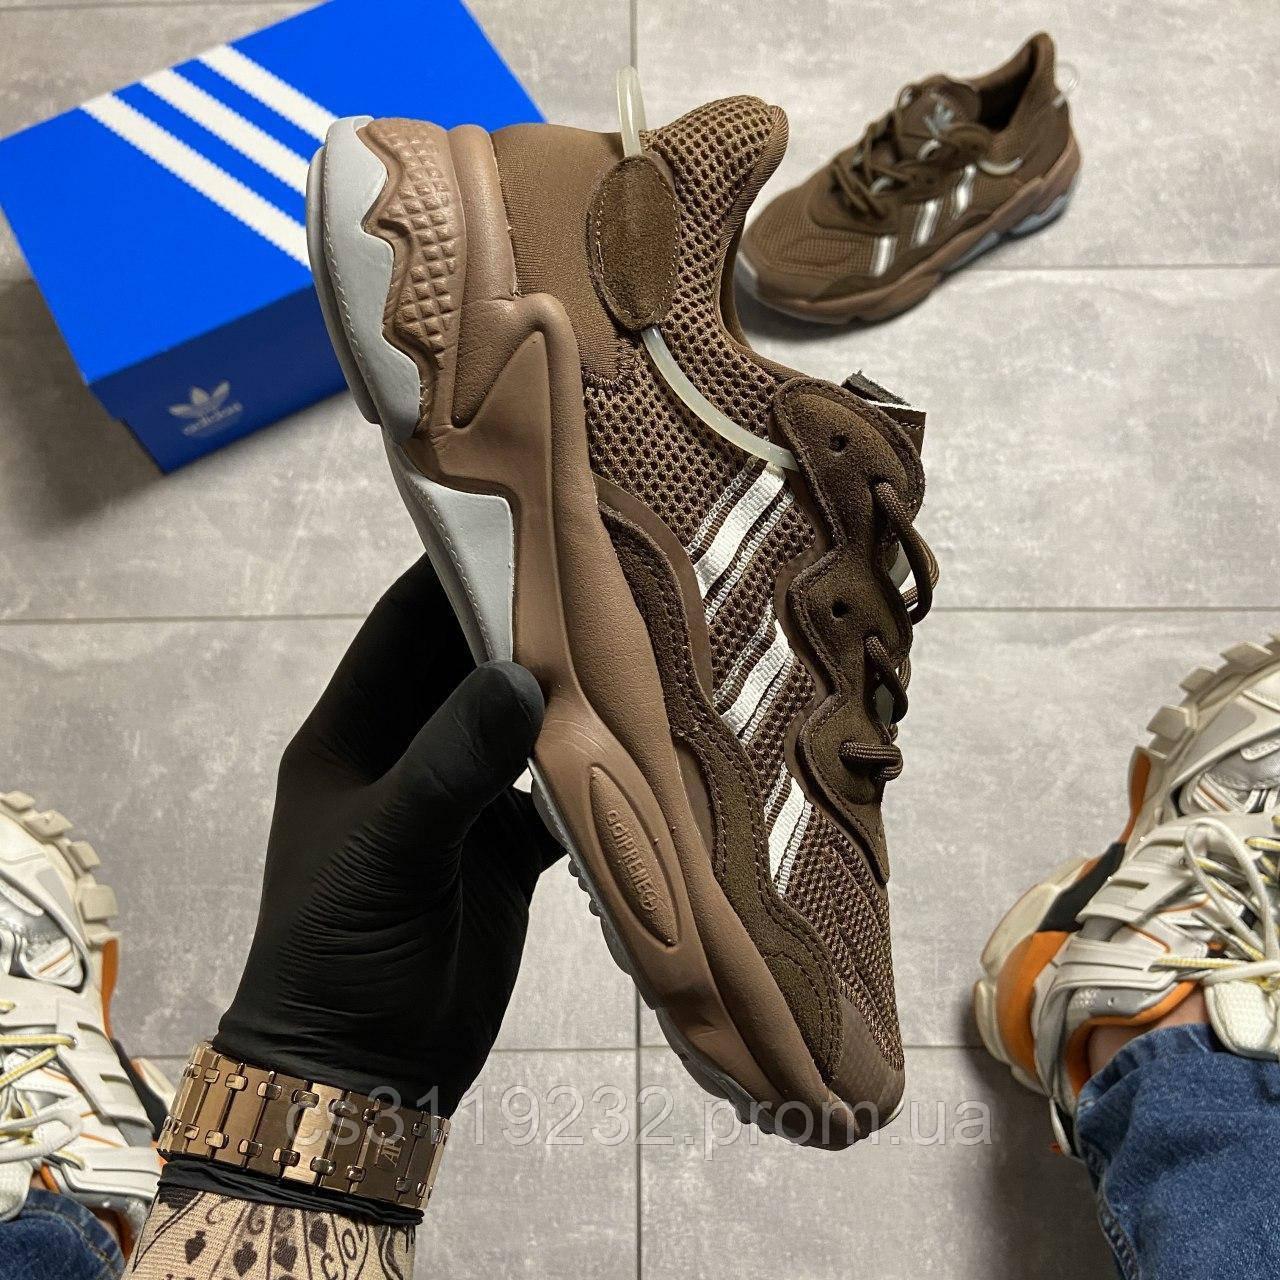 Мужские кроссовки Adidas Ozweego Brown (коричневый)